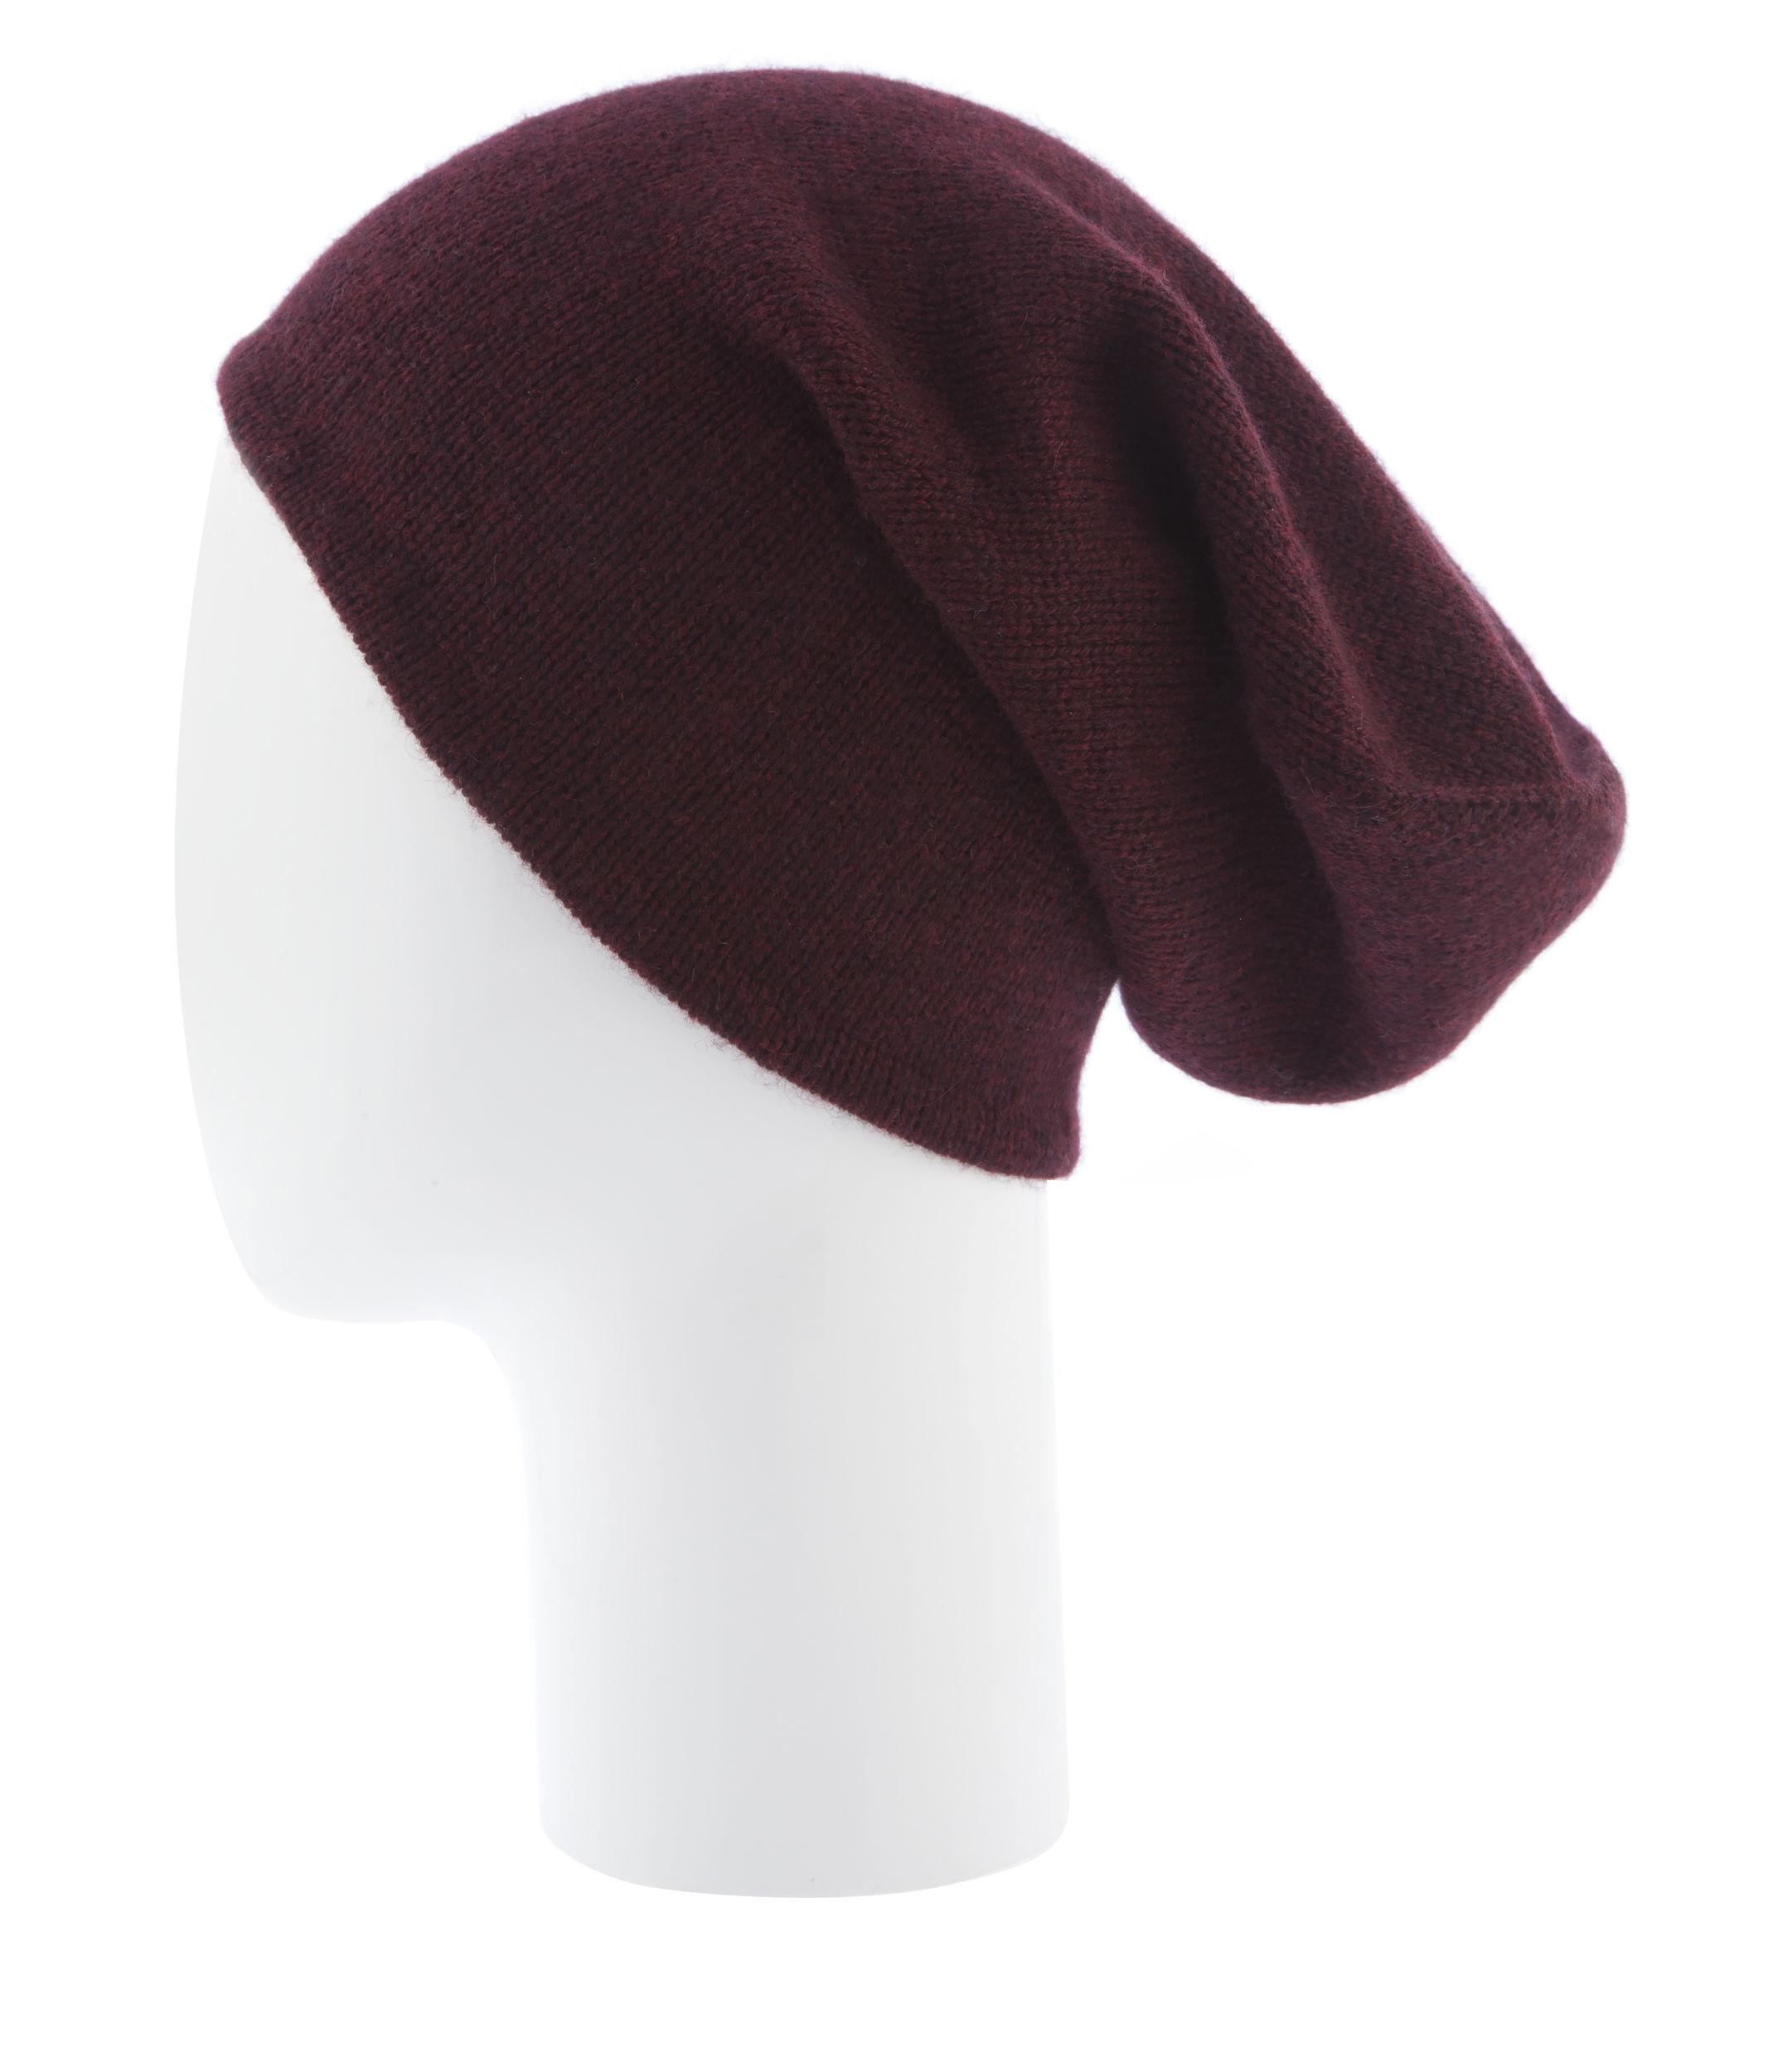 d21b20801ba Lyst - Henri Bendel Cashmere Hat in Purple